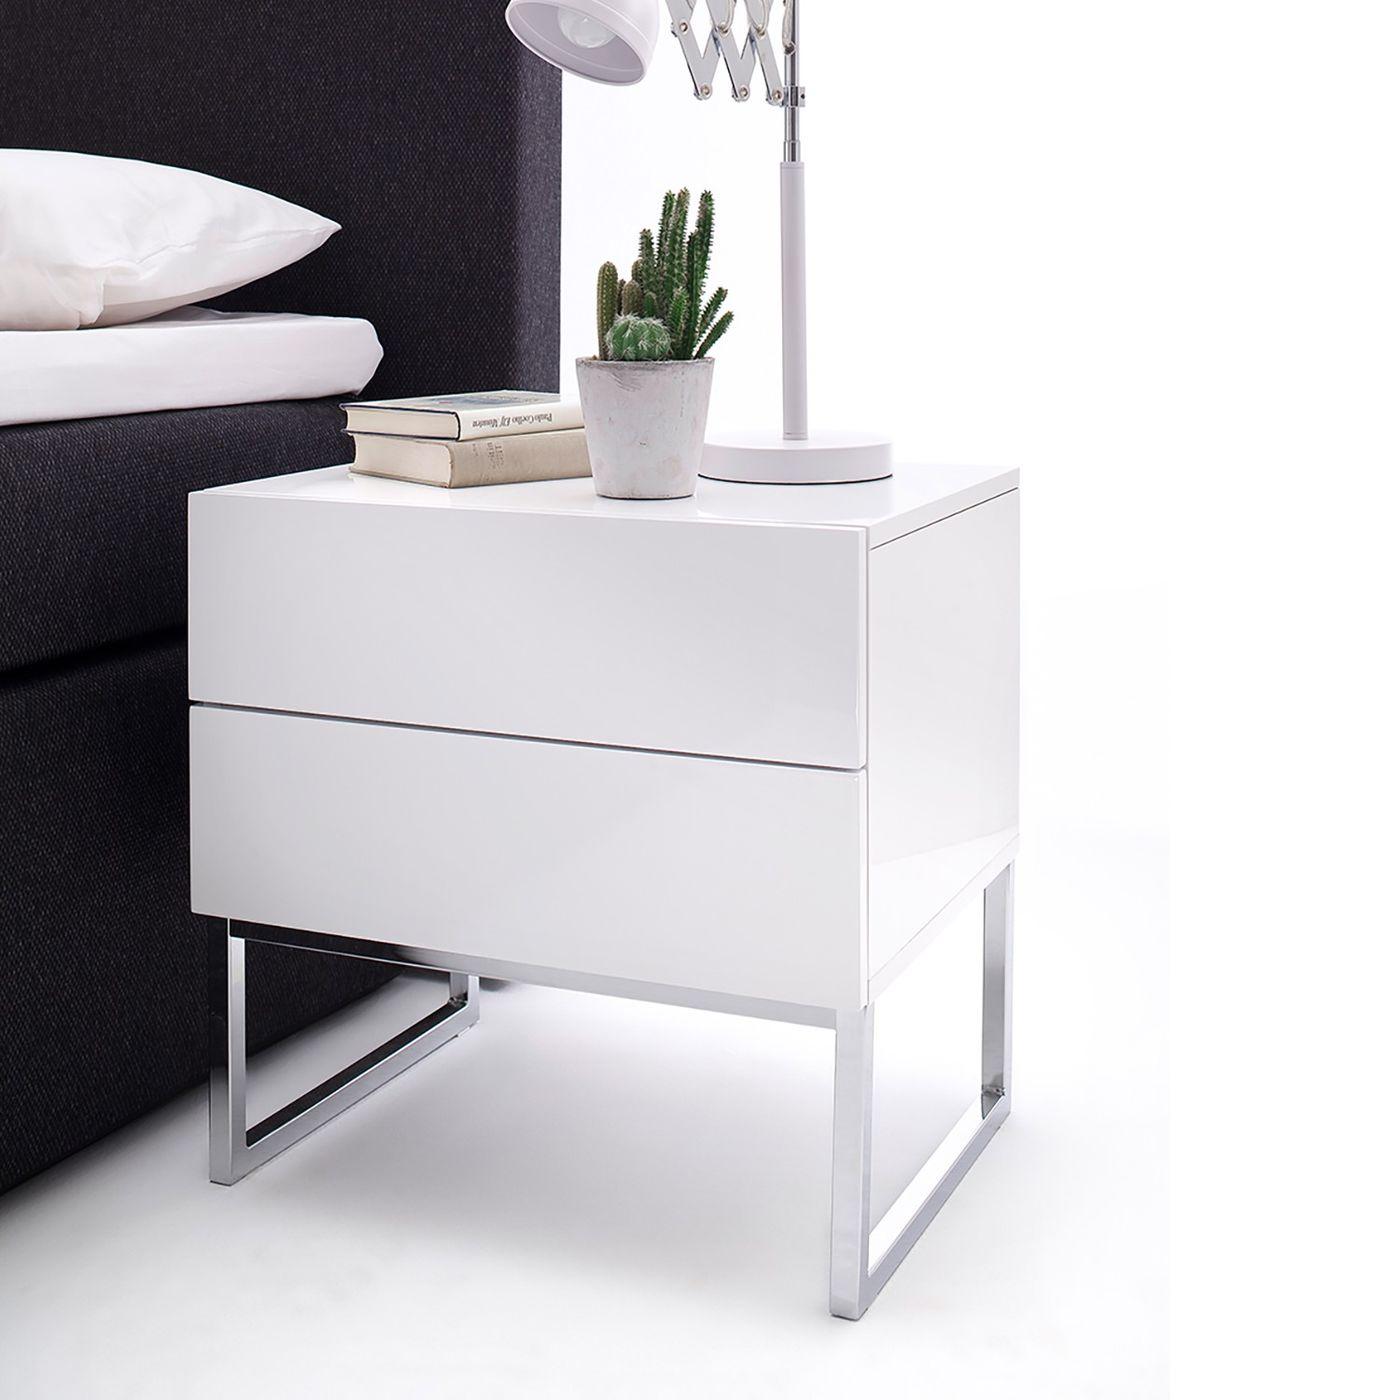 sch ne ideen f r deinen nachttisch und nachtk stchen. Black Bedroom Furniture Sets. Home Design Ideas